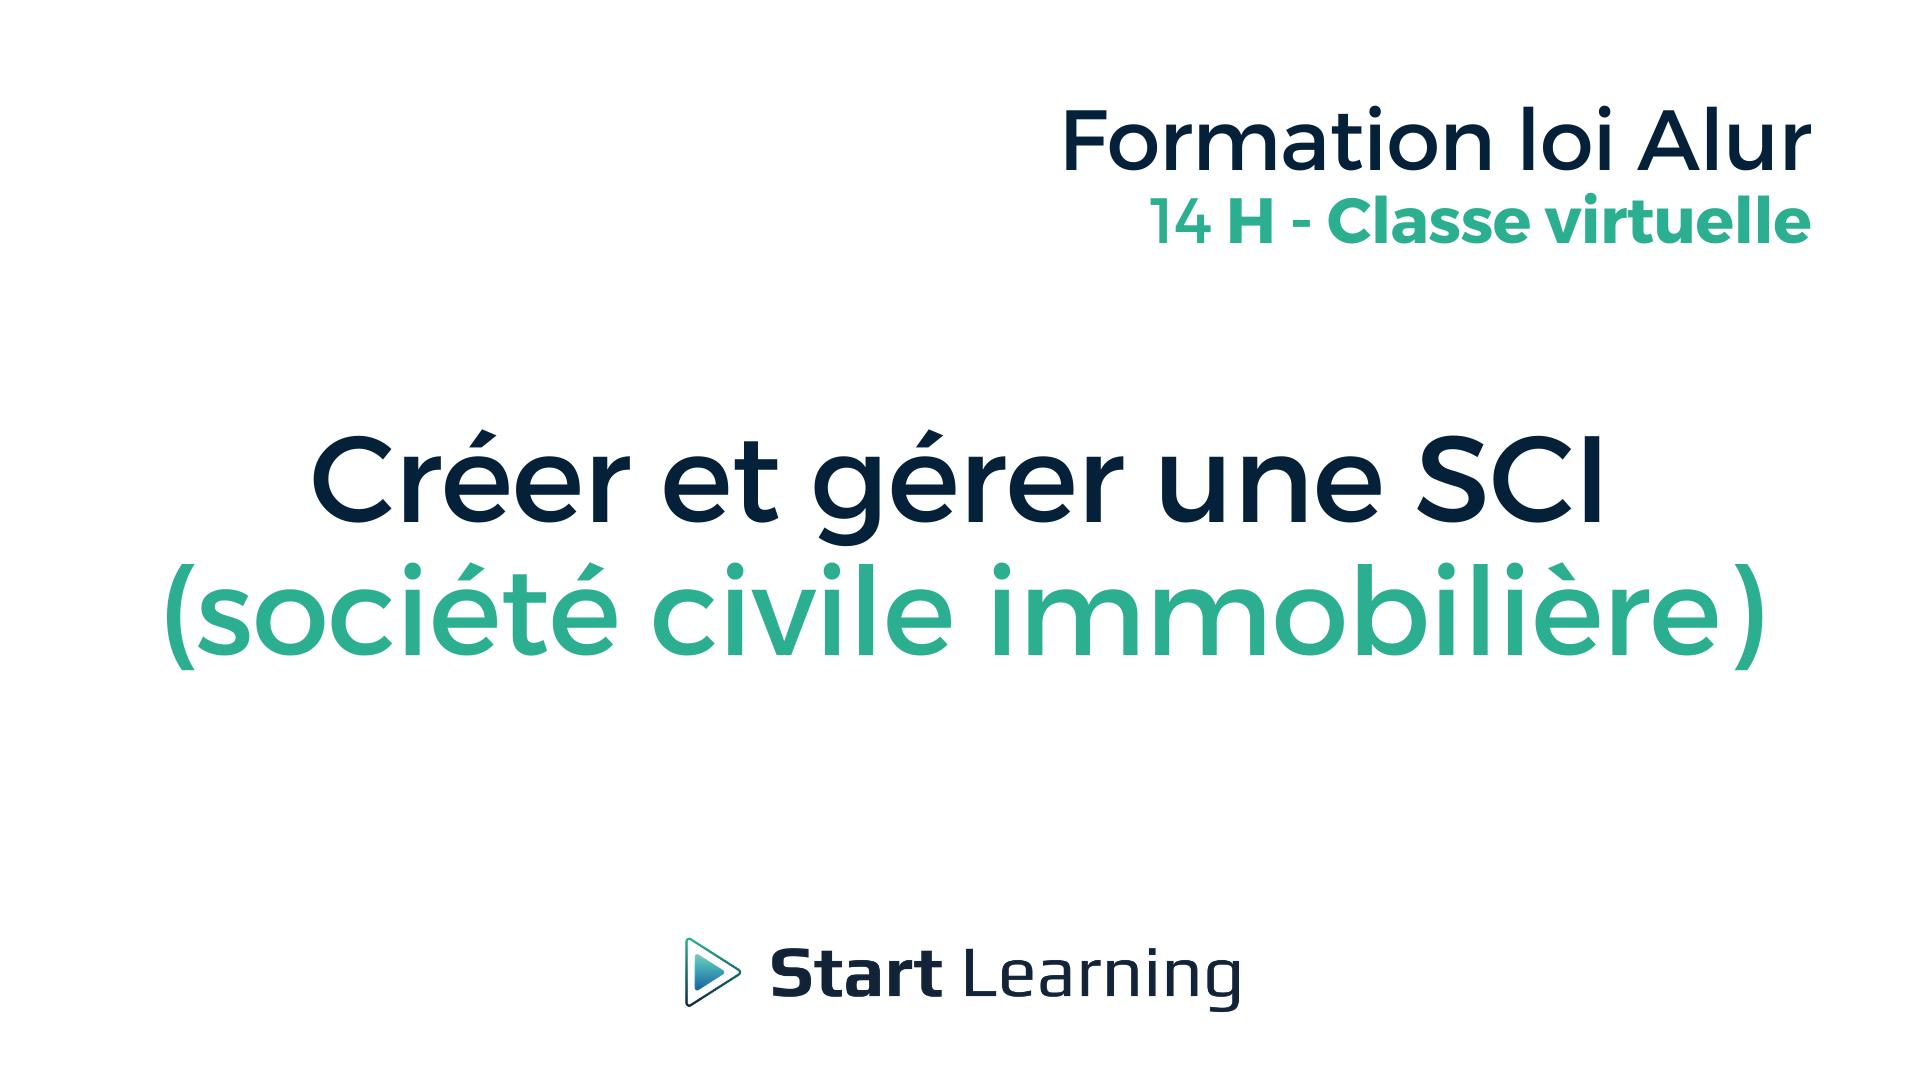 Créer et gérer une SCI (société civile immobilière) - Classe virtuelle